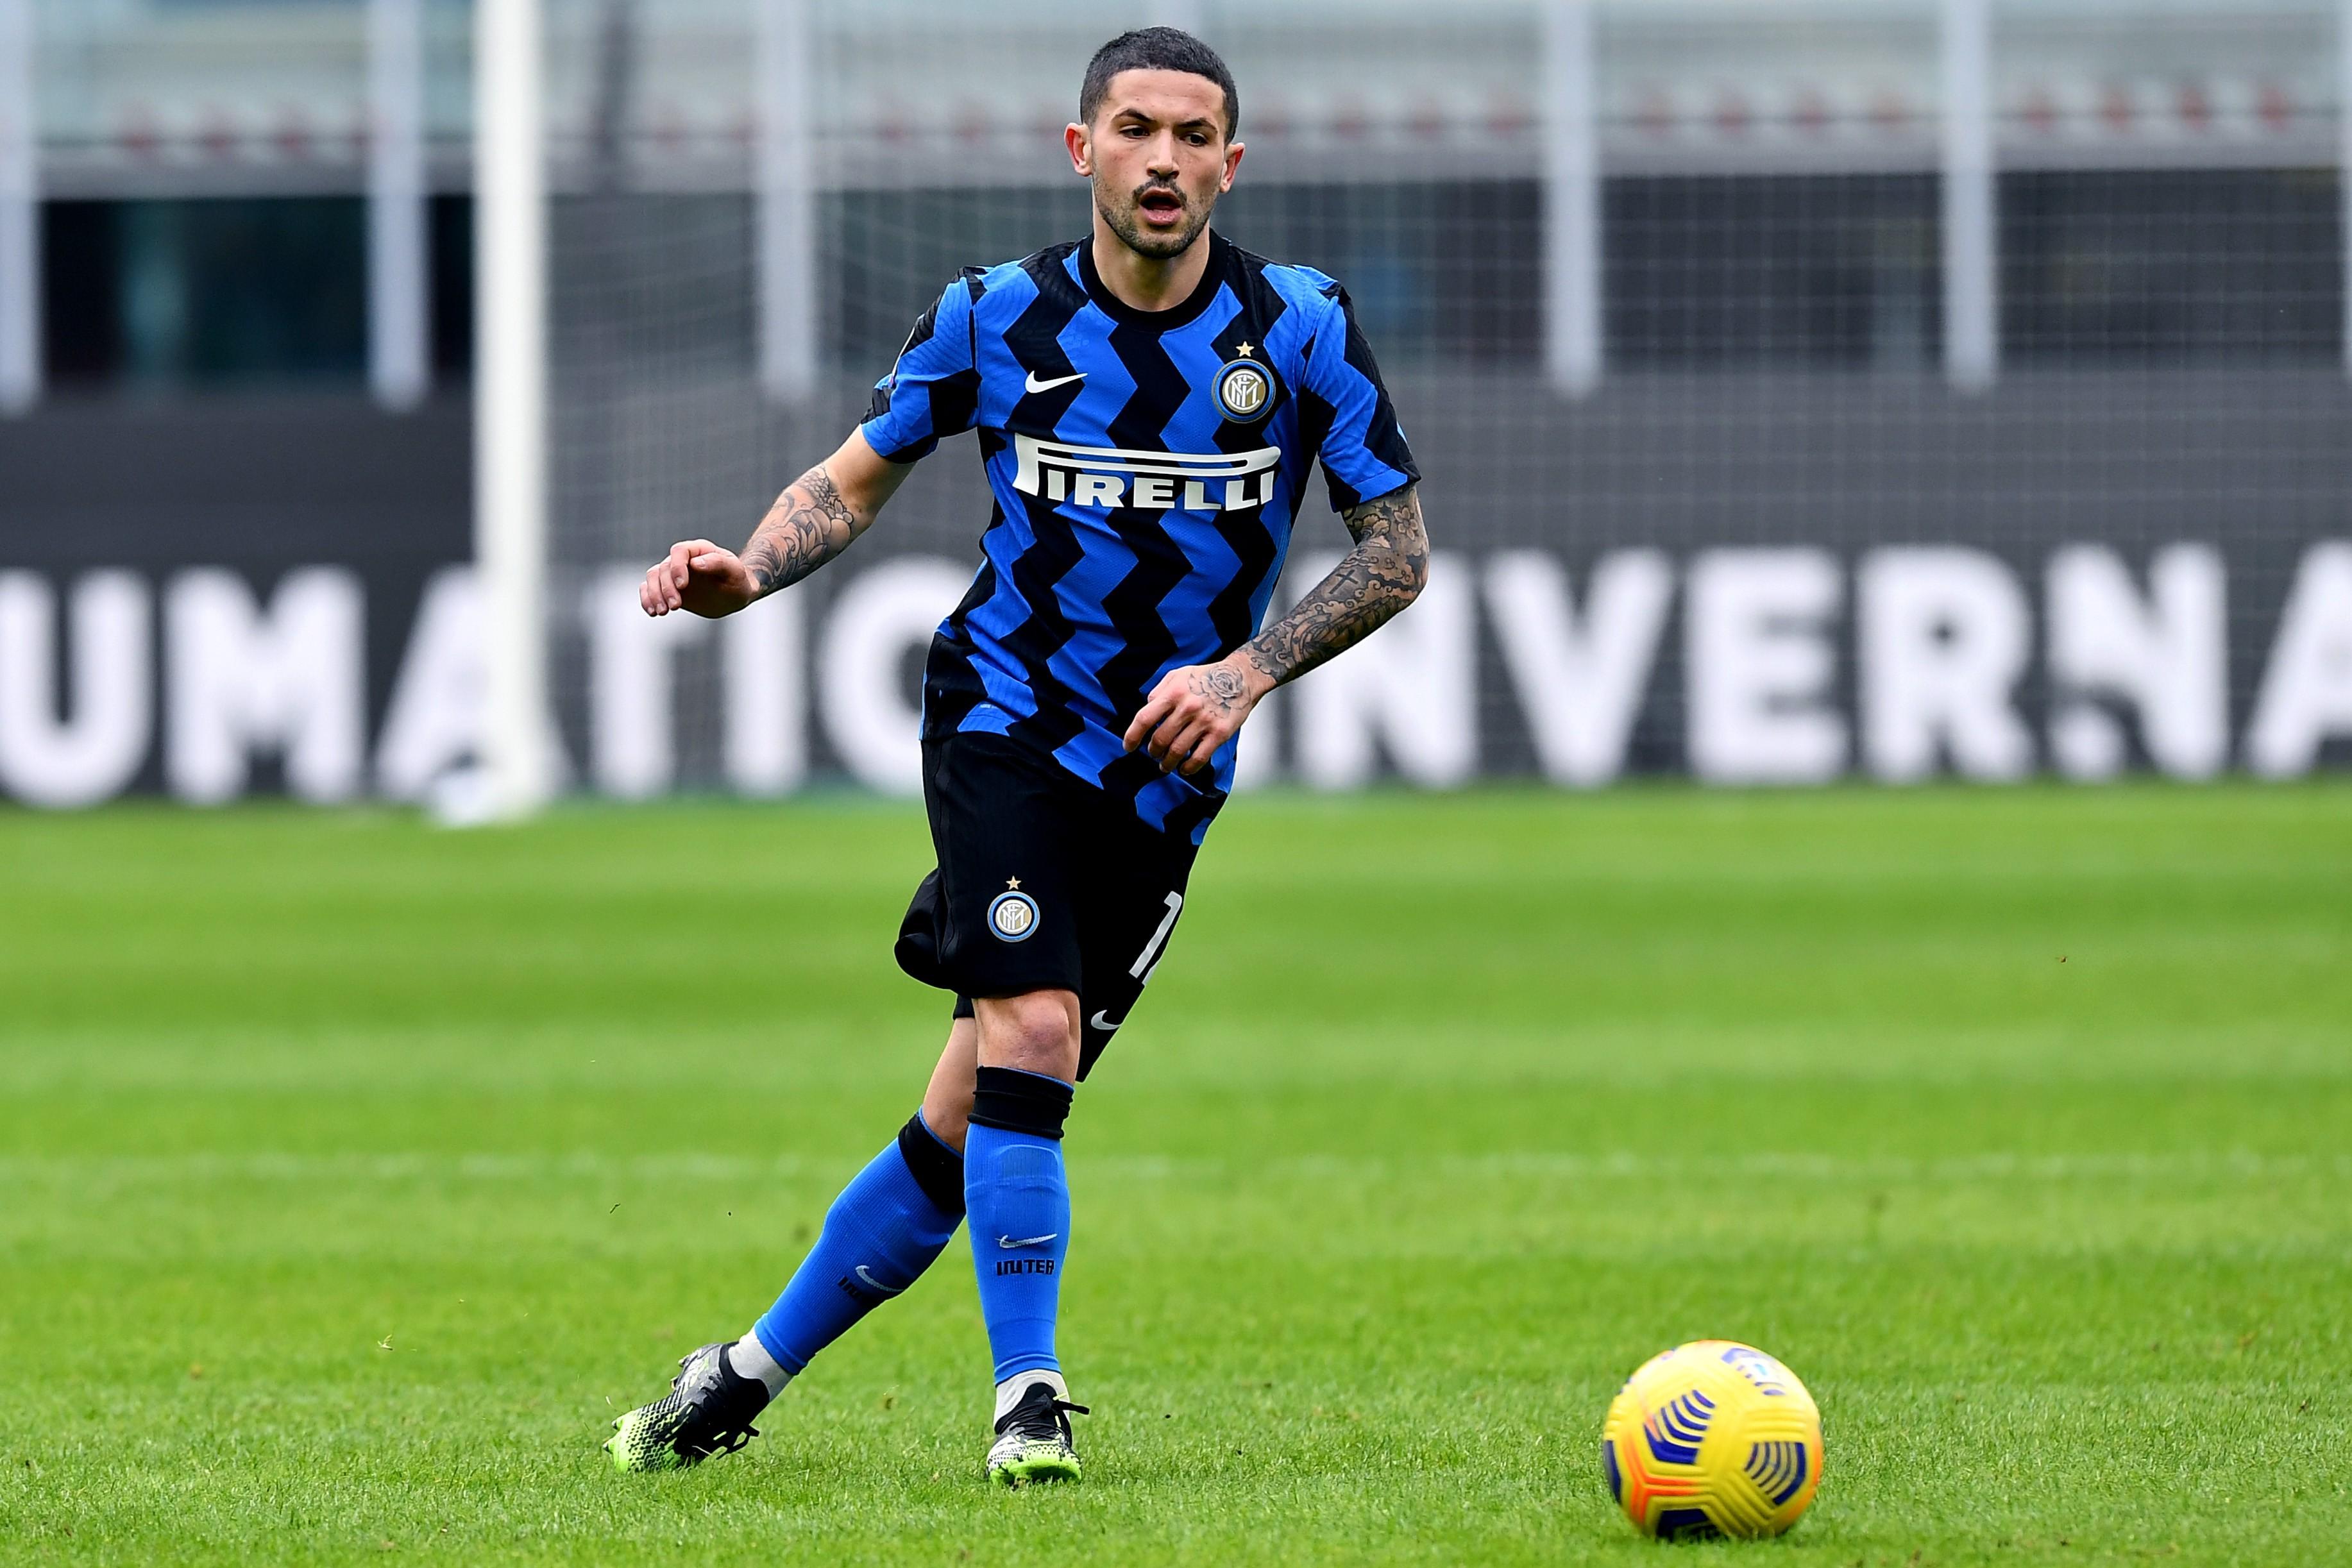 Ritorno Sensi mette in crisi fan Inter: Non è più intoccabile? |  Sport e Vai